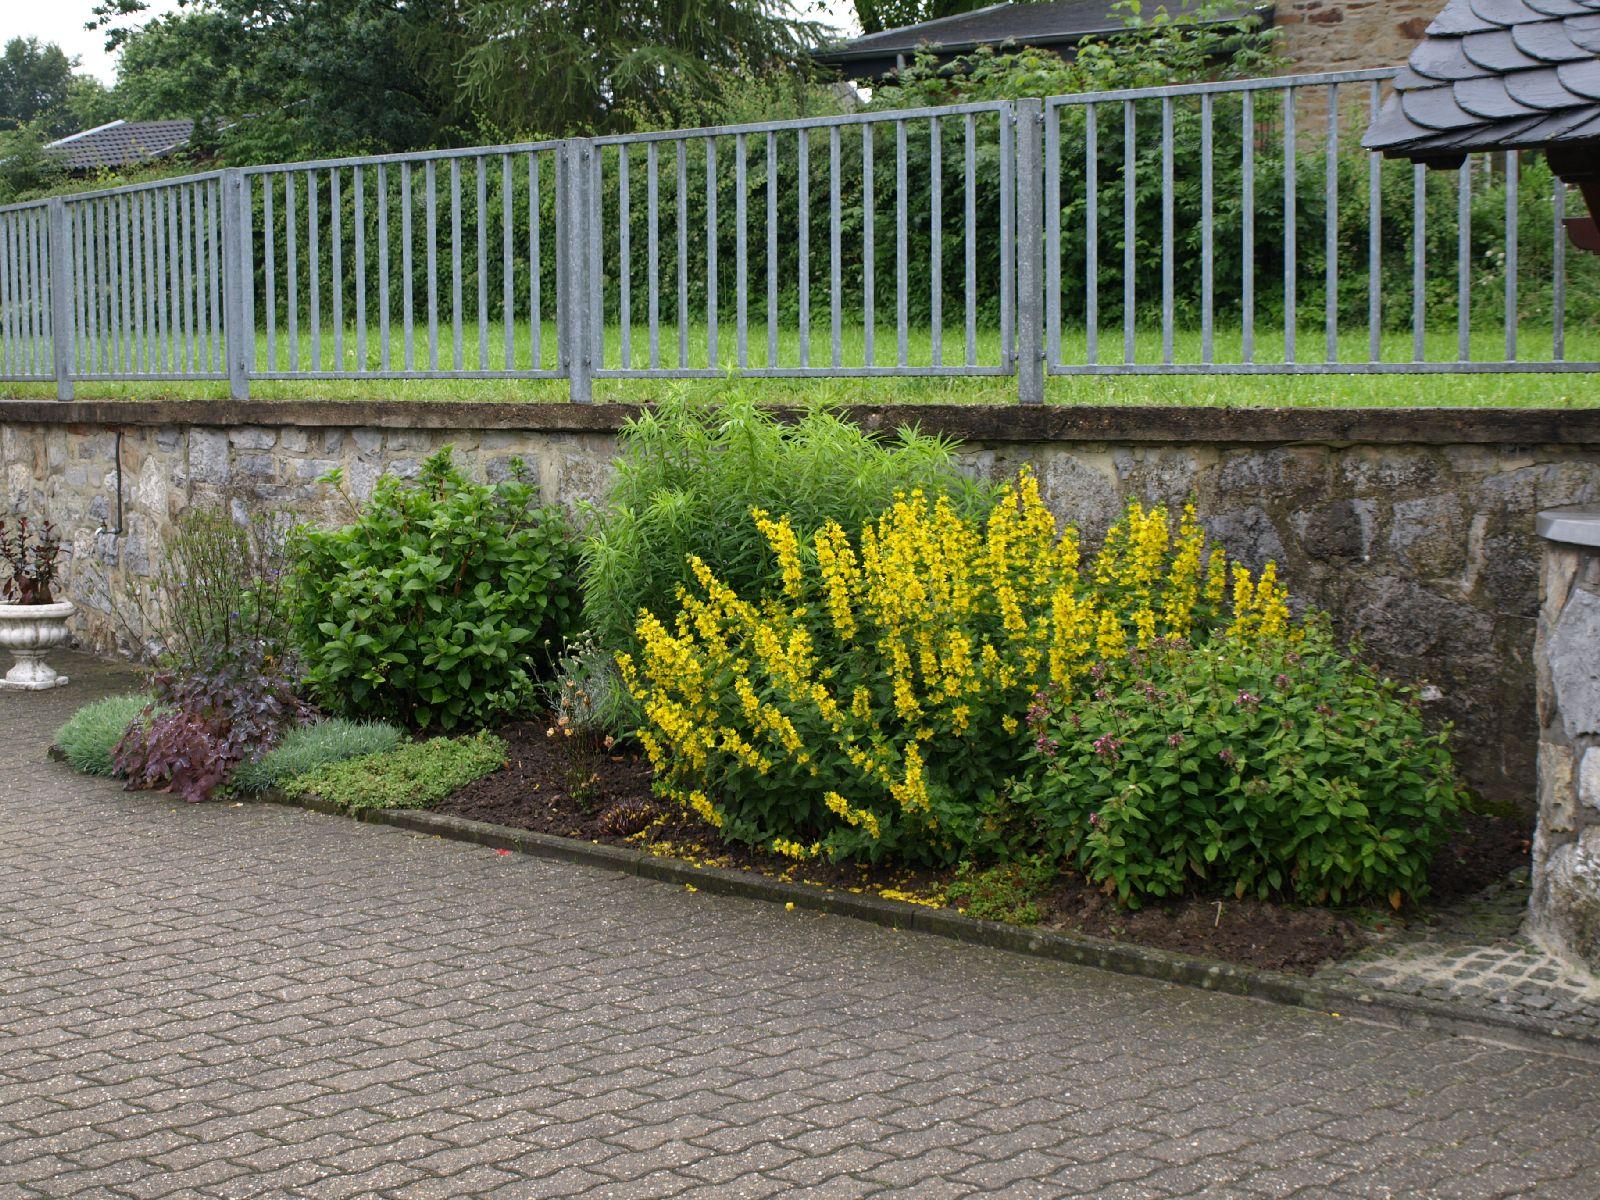 Pflanzen-Blumen-Foto_Textur_B_P6213537